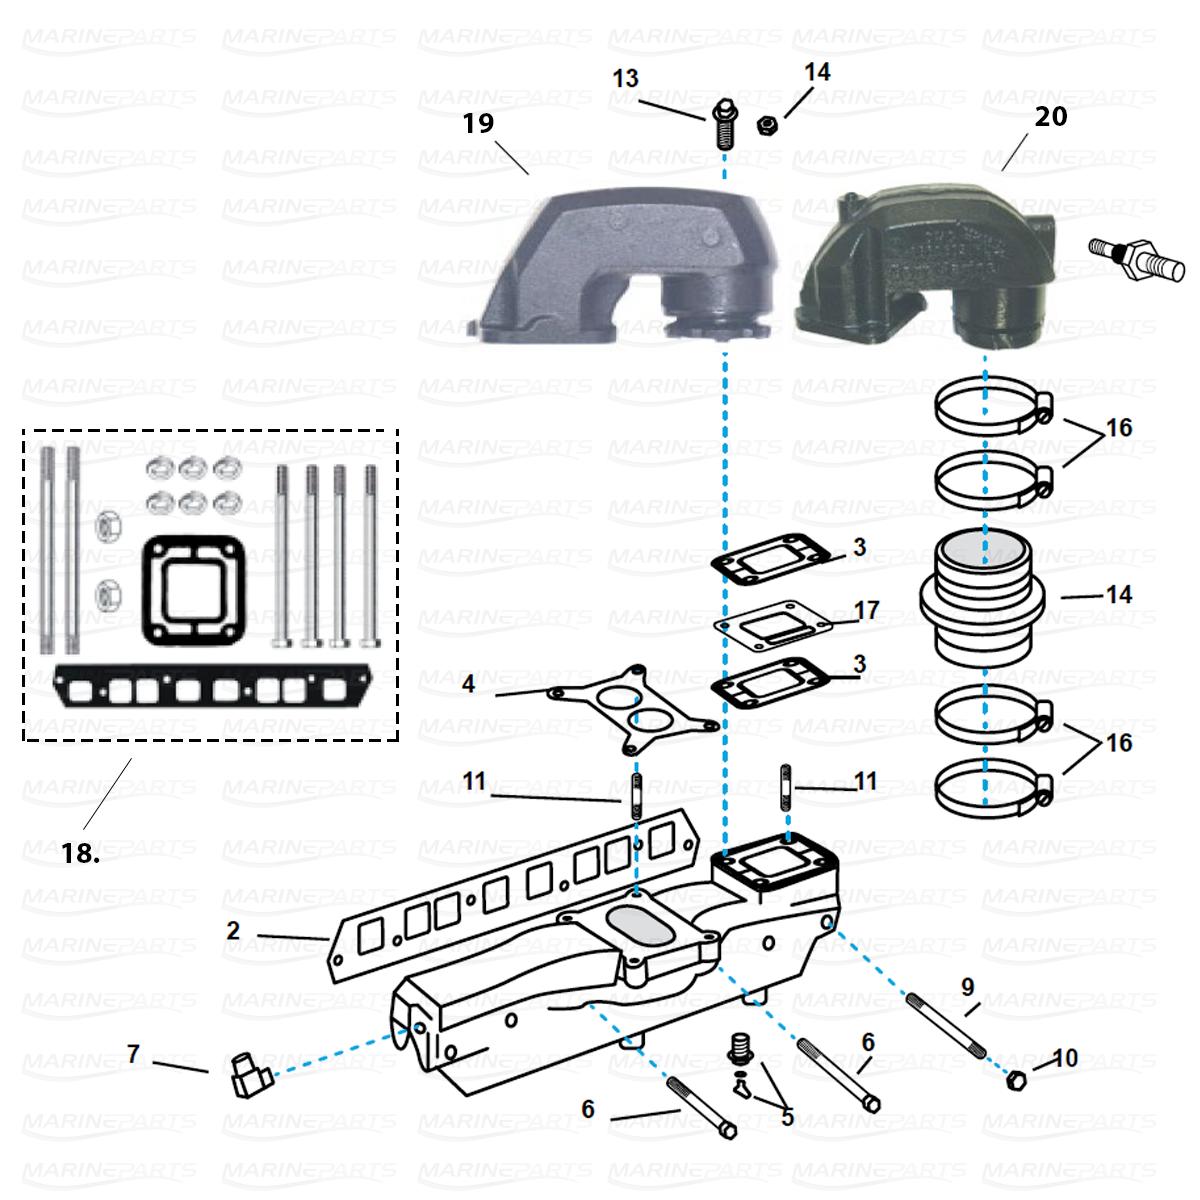 Udstødningsdele til Volvo Penta 4 cyl. 3,0 ltr. GM blok